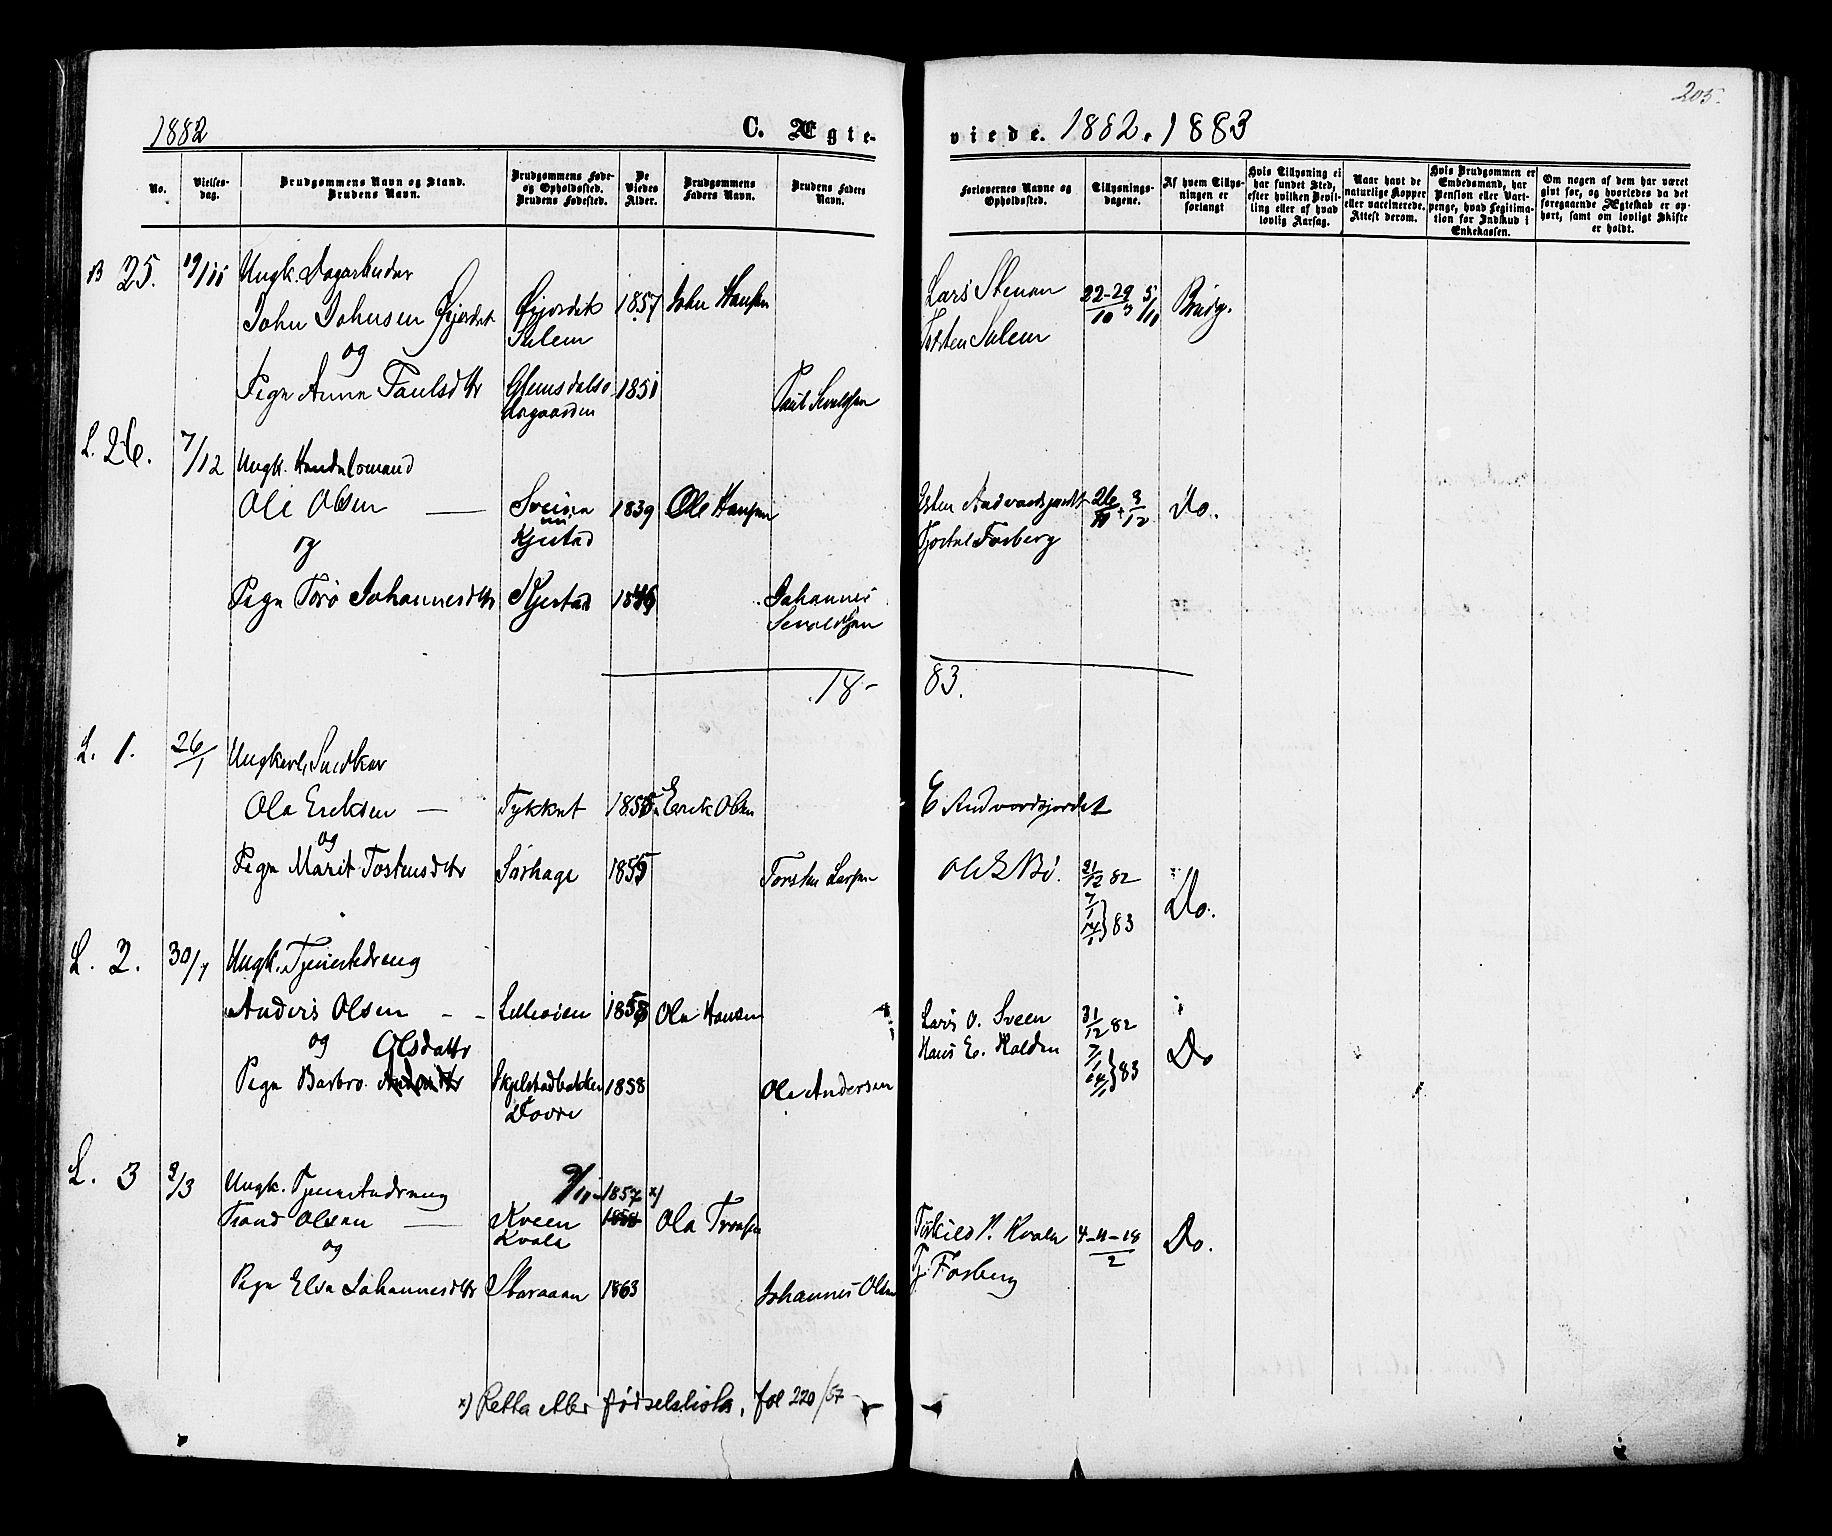 SAH, Lom prestekontor, K/L0007: Ministerialbok nr. 7, 1863-1884, s. 205